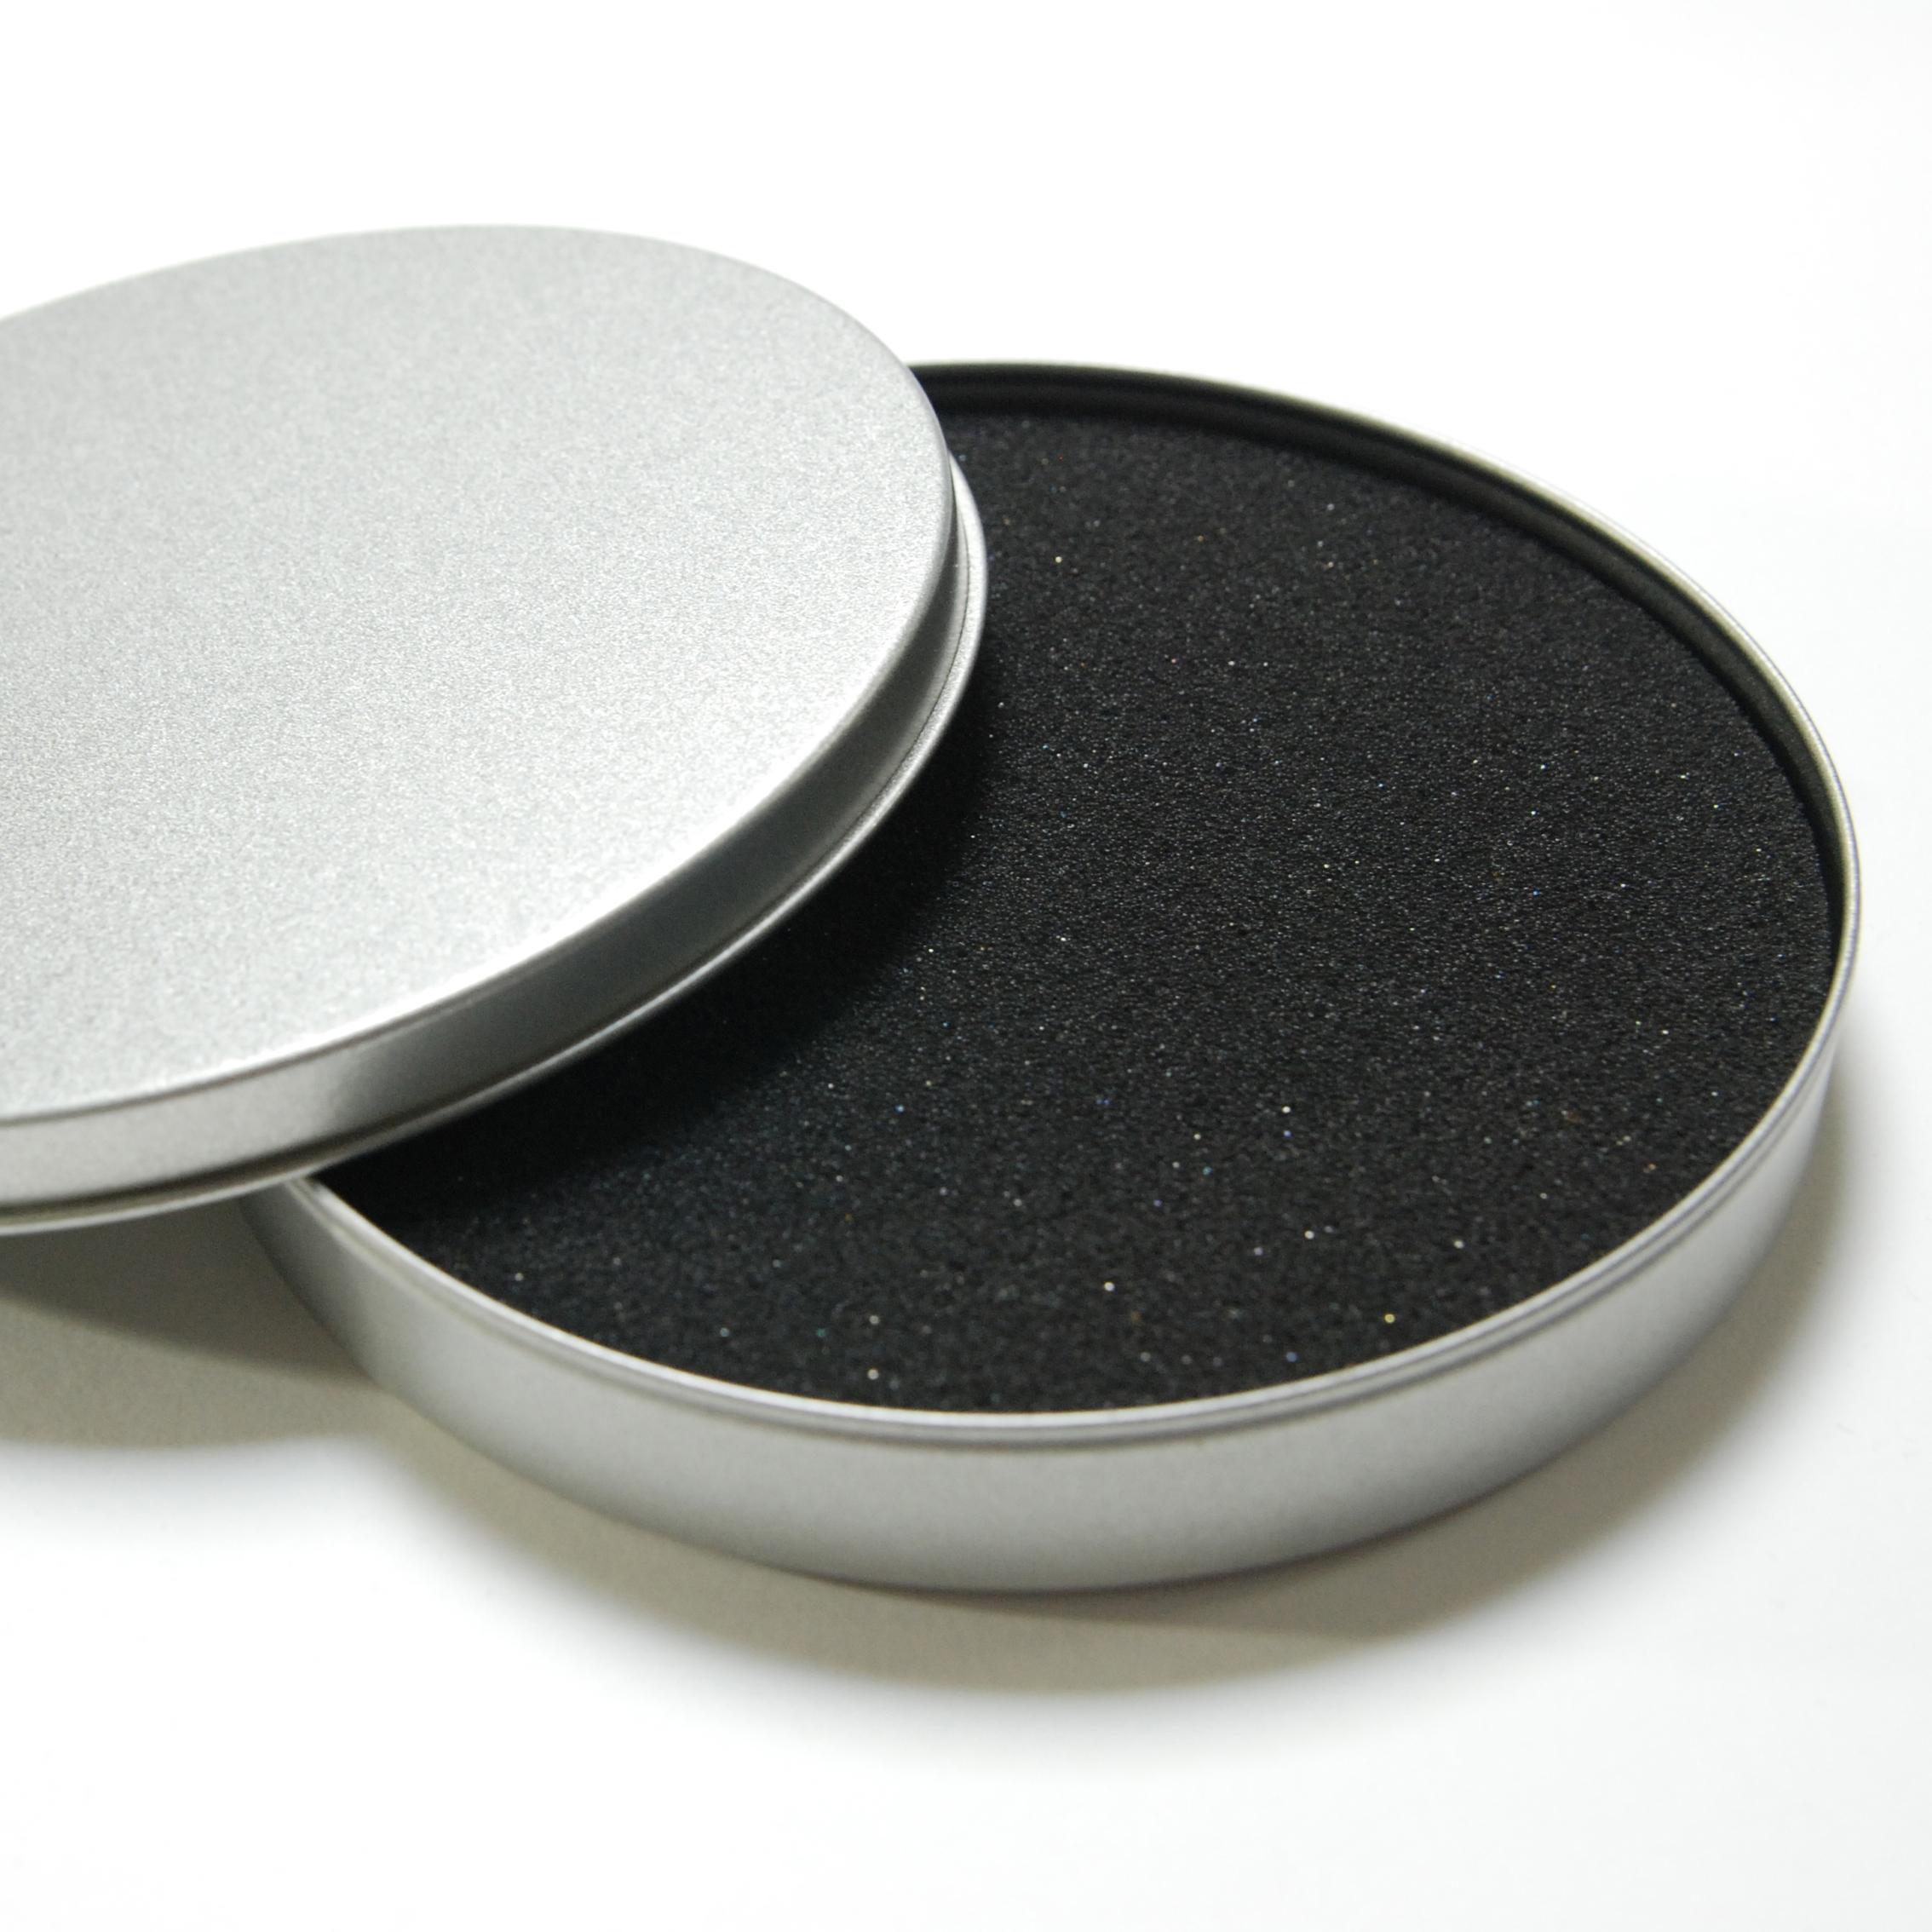 無地 CD・DVDラウンドケース 1個 【素材】ブリキ 【サイズ】直径123x高さ17mm ウレタン入り